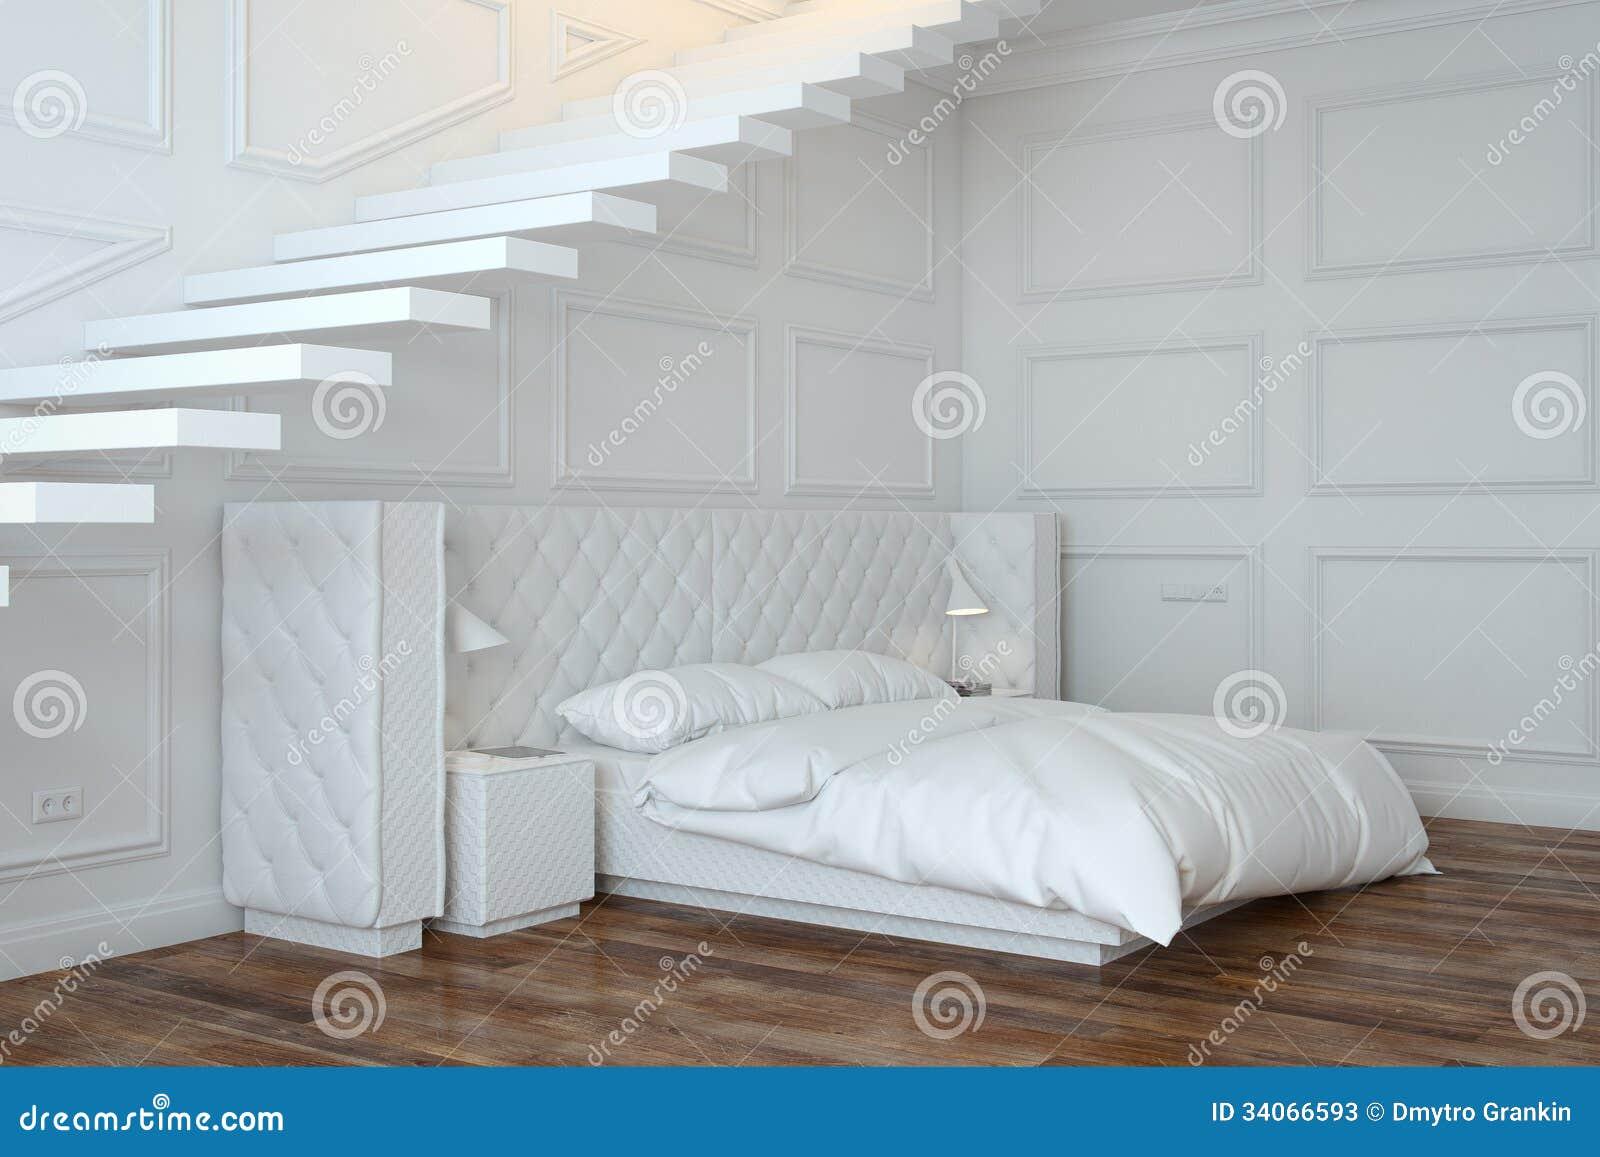 Interno bianco della camera da letto con le scale vista di prospettiva illustrazione di stock - I segreti della camera da letto ...